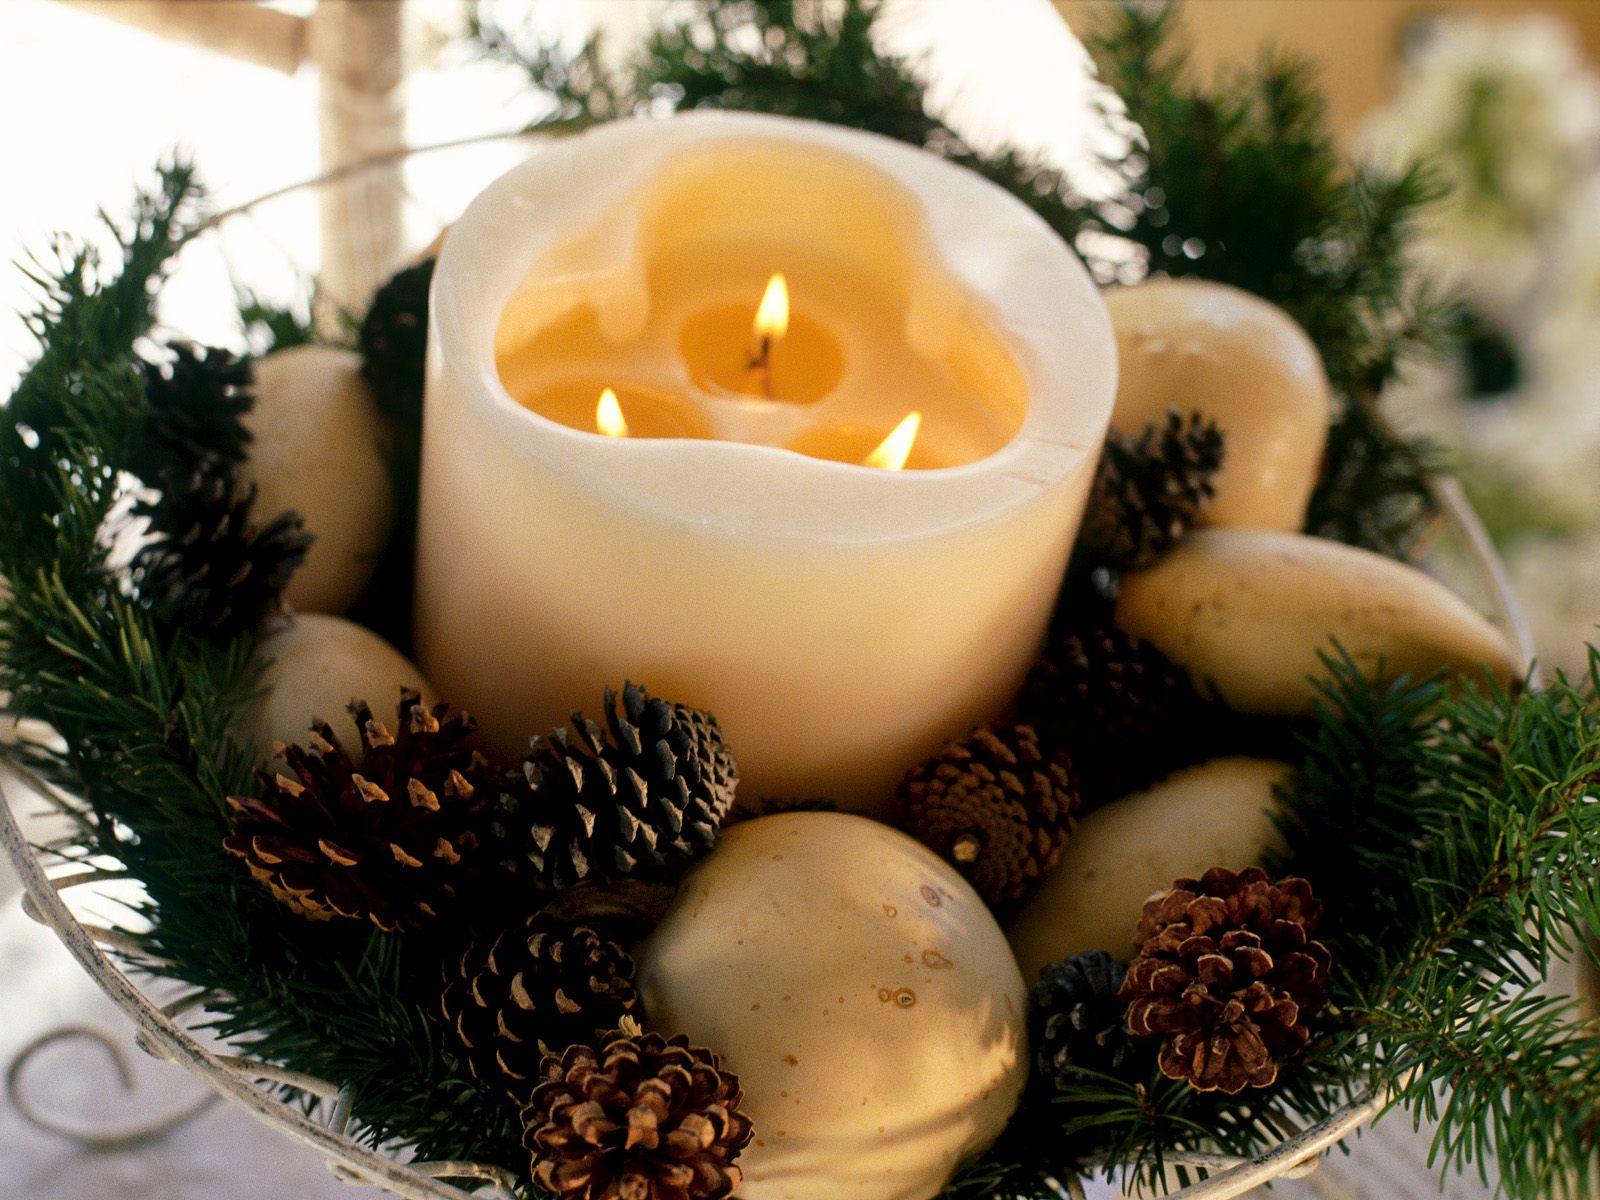 http://4.bp.blogspot.com/_e45GK4i1E8M/TRN1IwZgZlI/AAAAAAAACCY/5TvYMfHlDL8/s1600/christmas-wallpaper-02.jpg